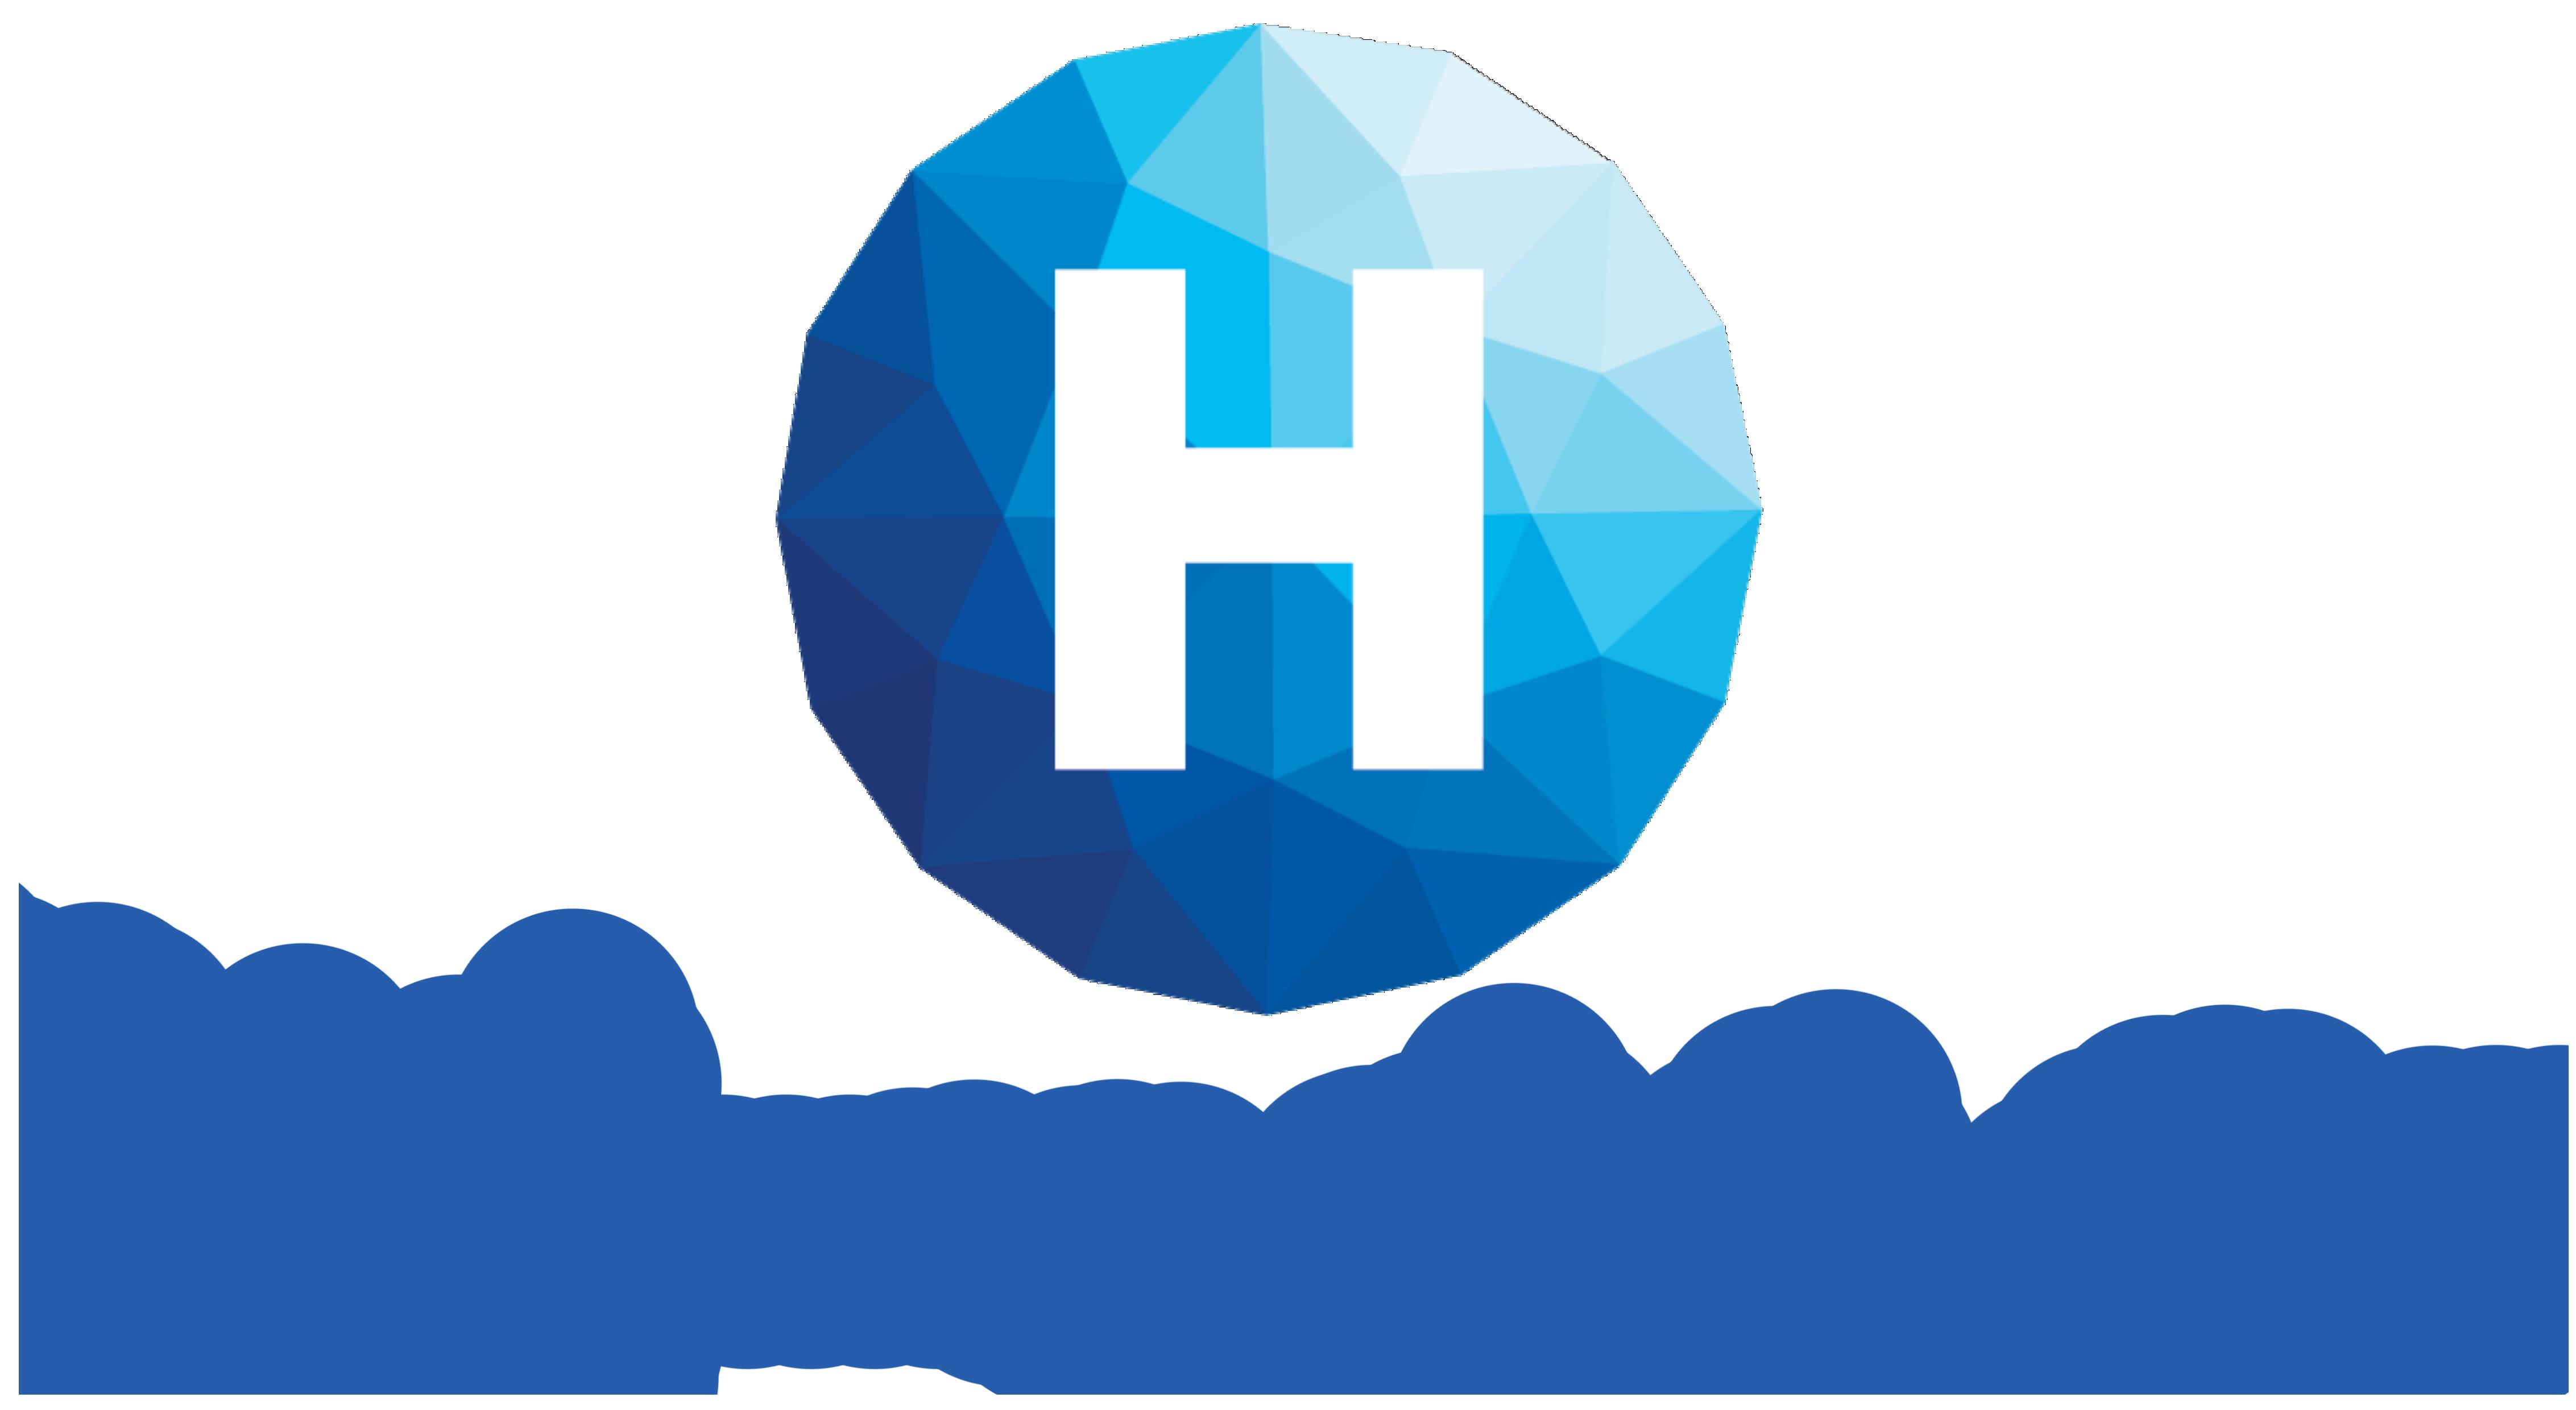 Hydrosphere.io